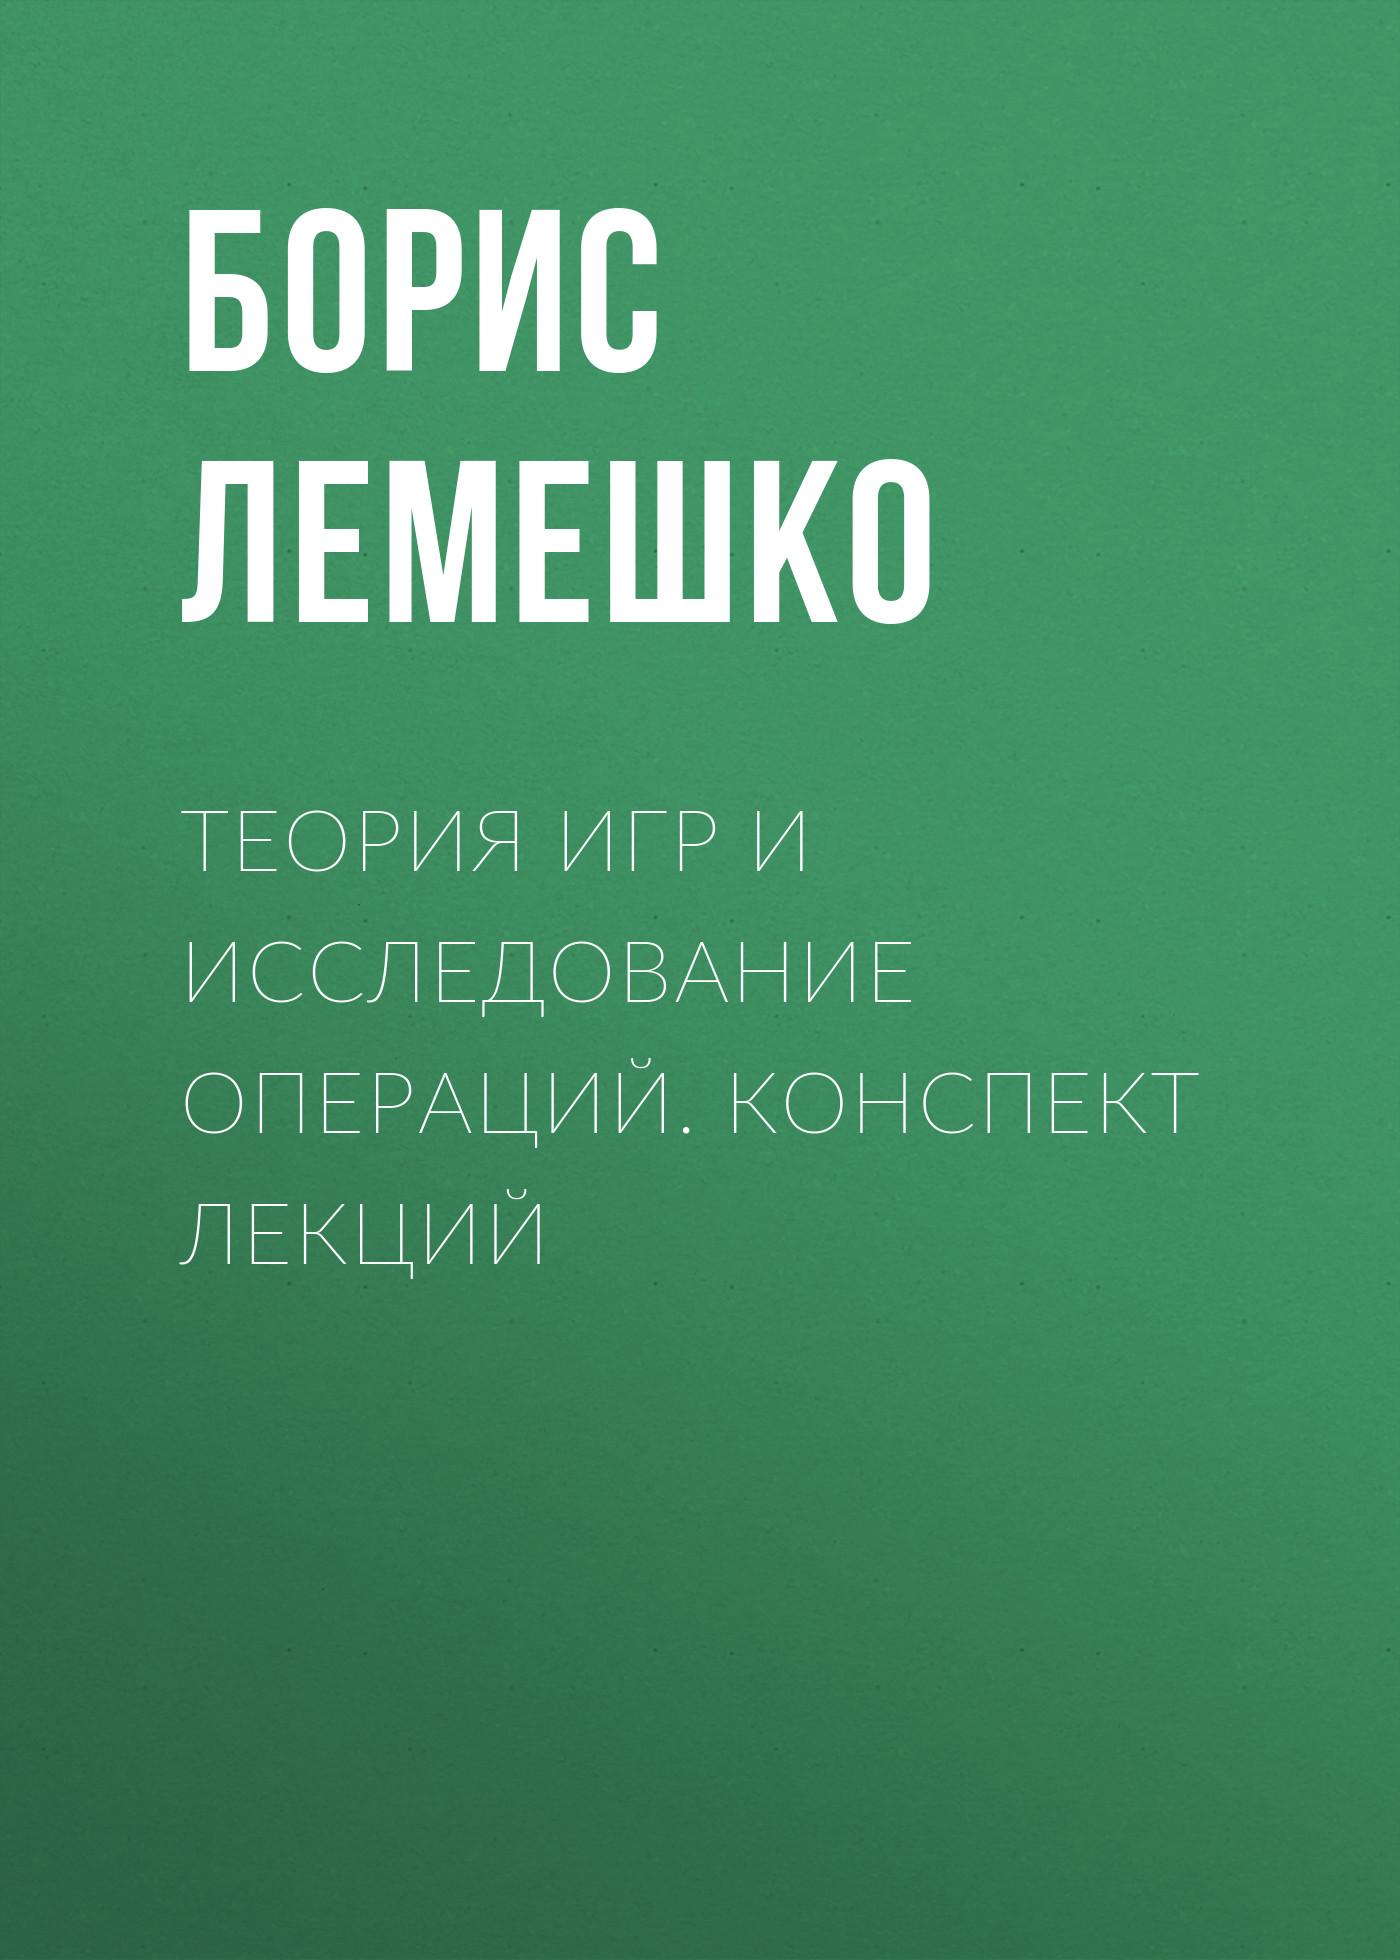 Борис Лемешко Теория игр и исследование операций. конспект лекций отсутствует теория и методика воспитания конспект лекций